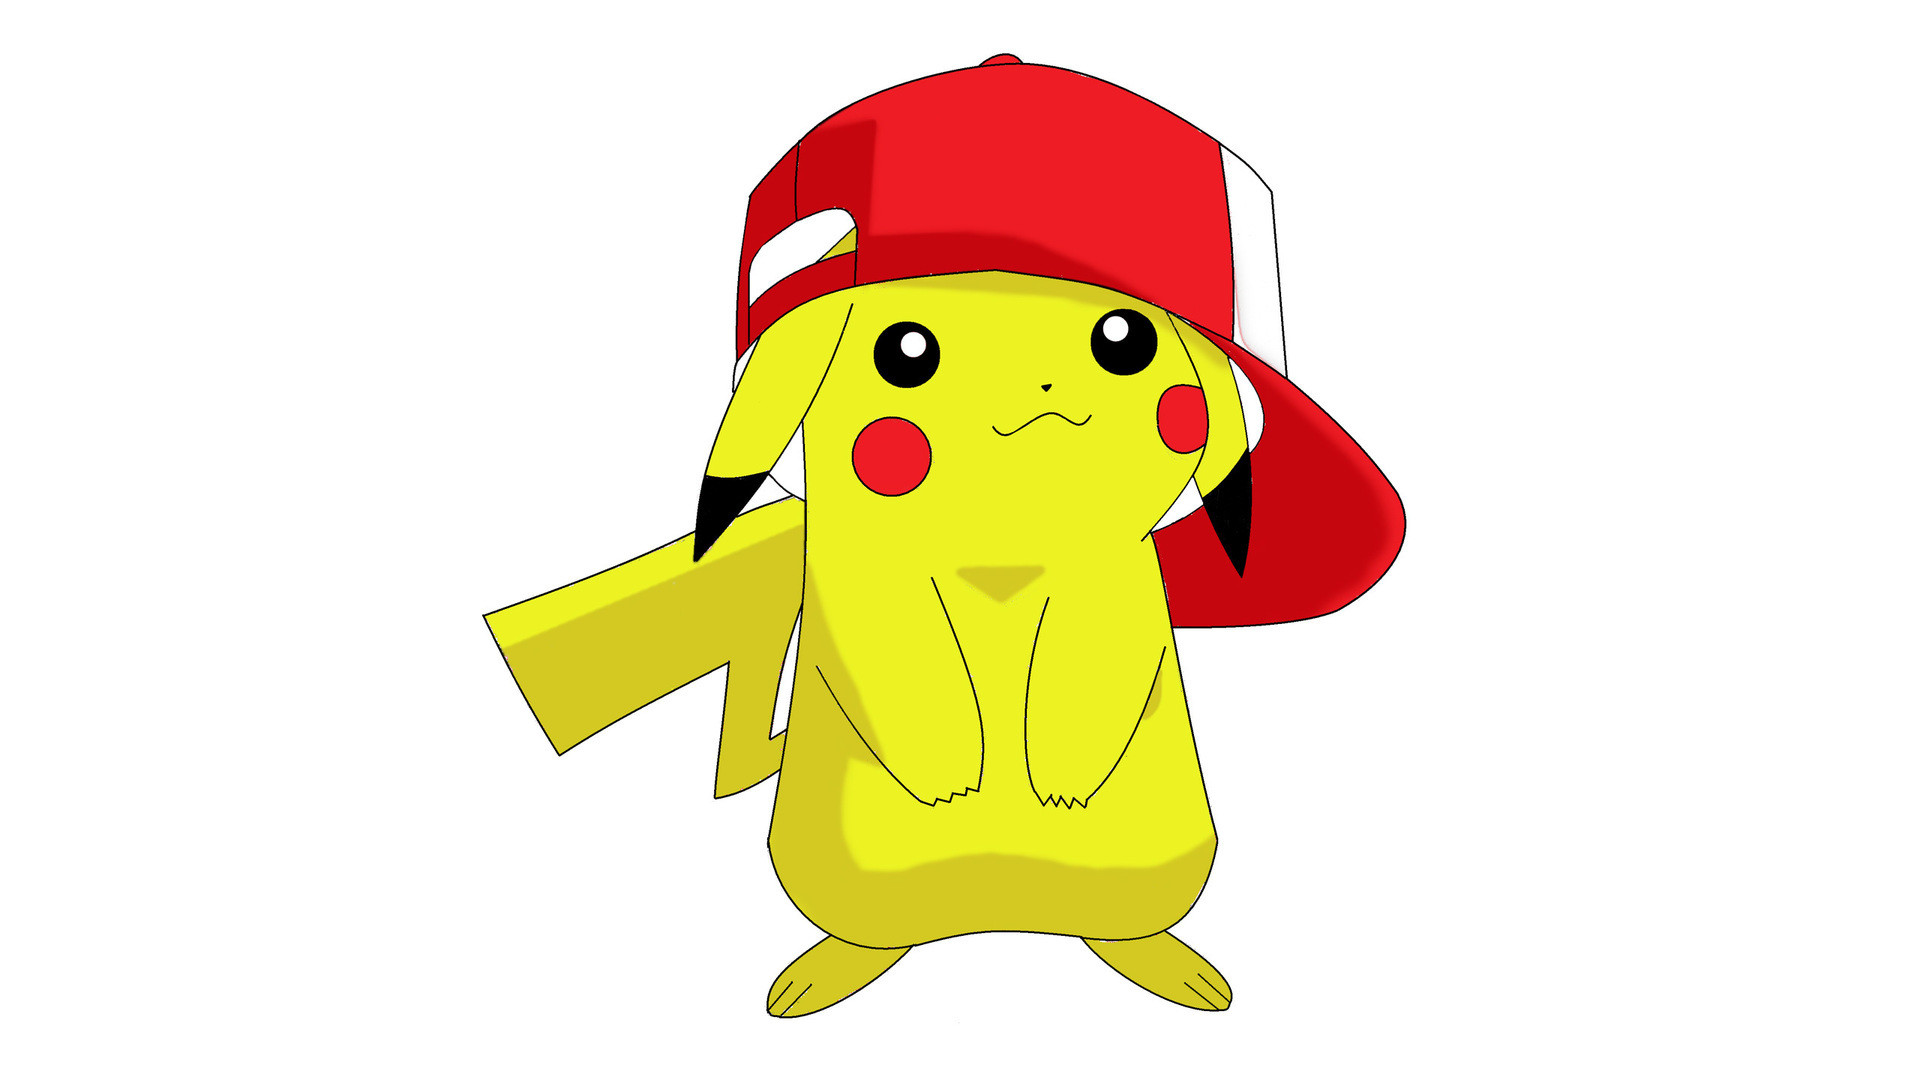 Video Game РPok̩mon Pikachu Wallpaper